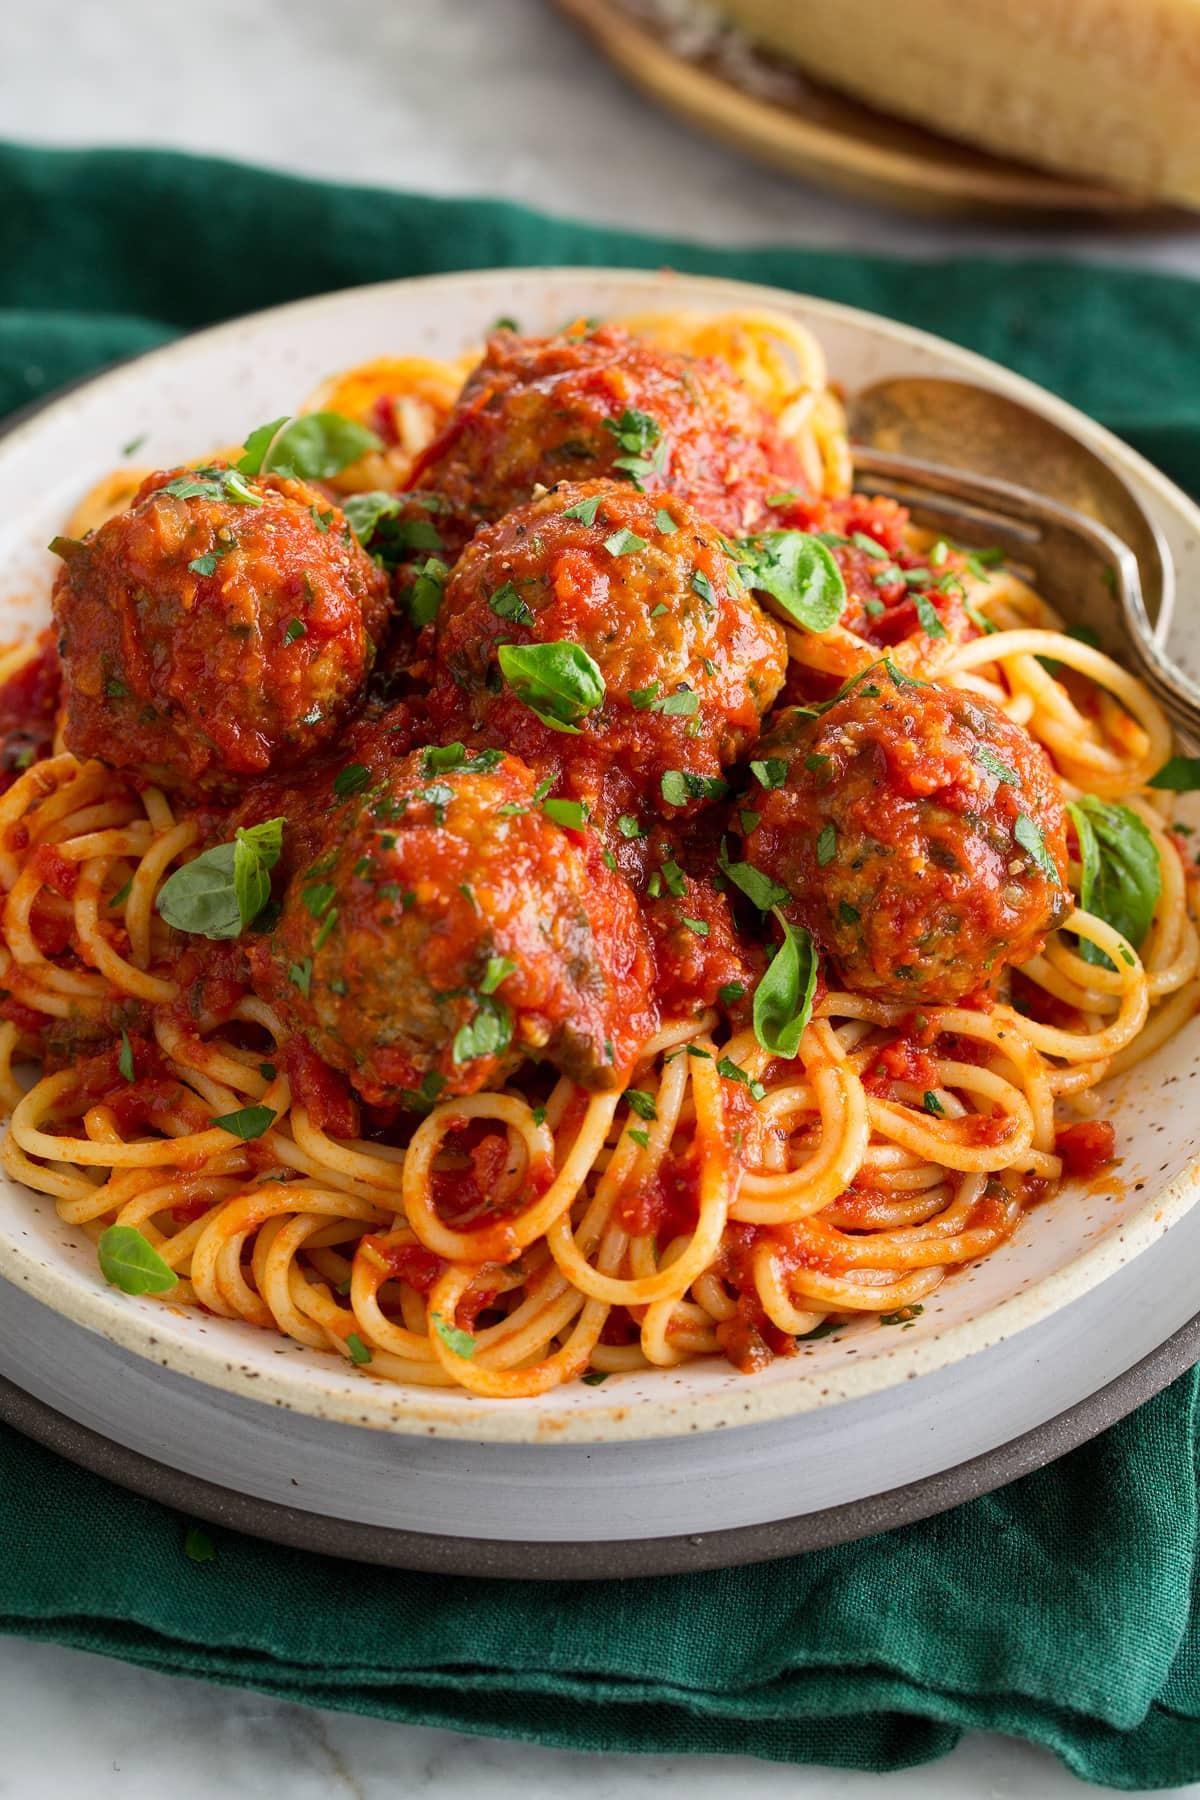 Turkey meatballs and marinara sauce shown over spaghetti pasta.